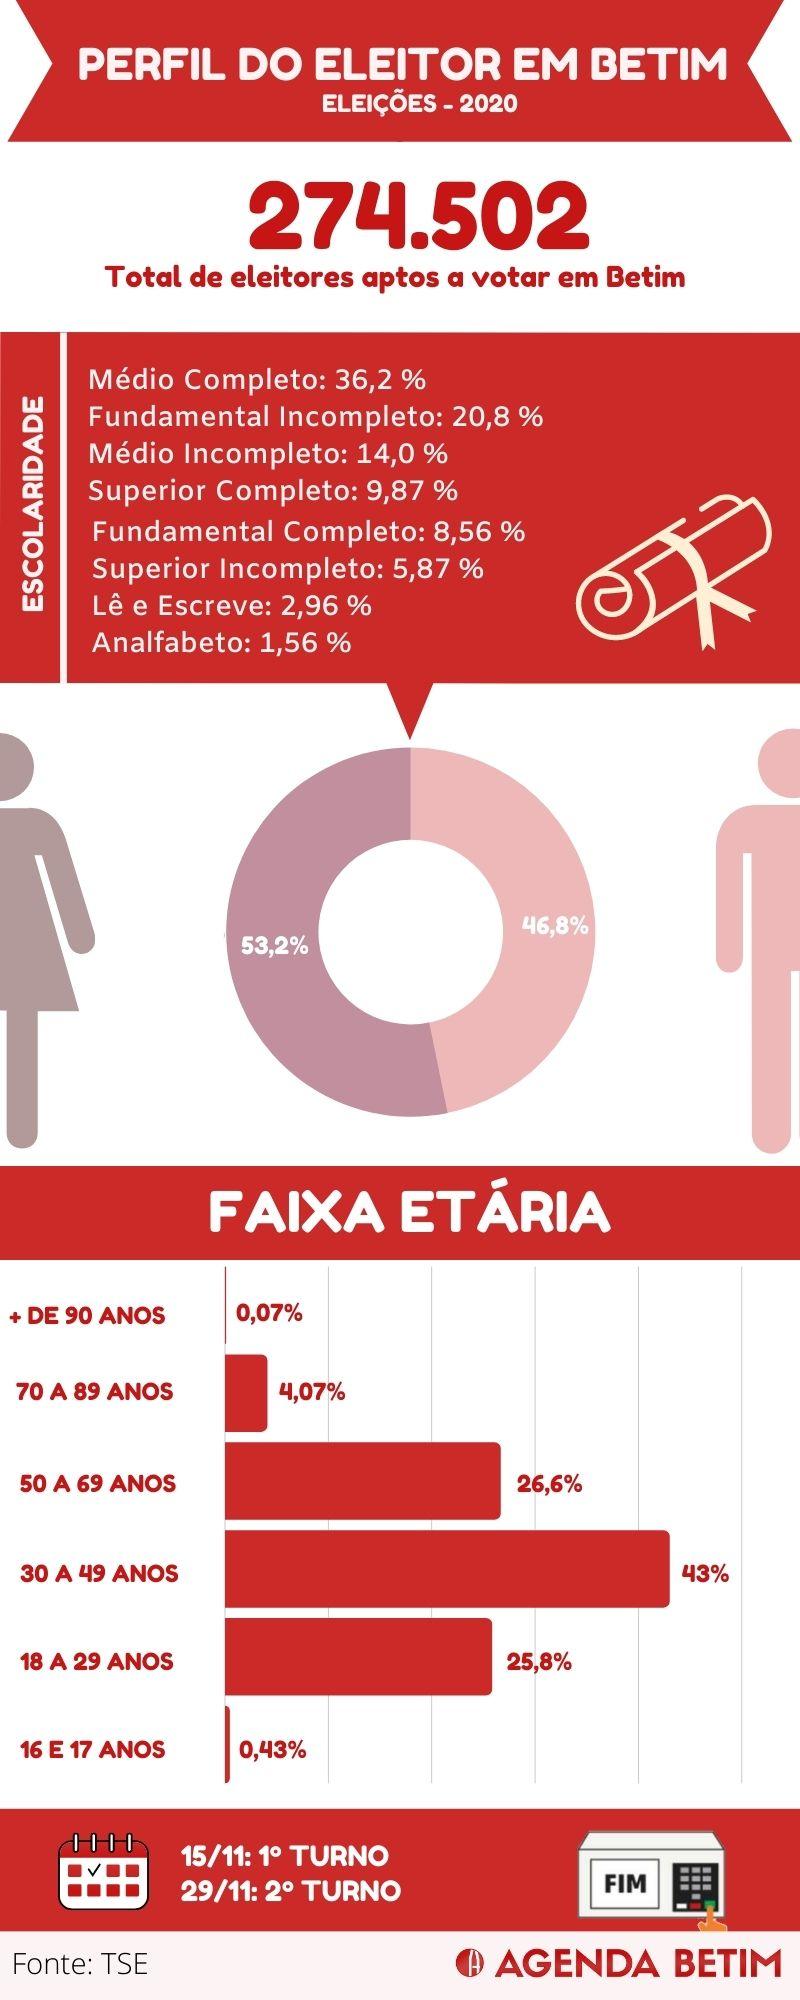 Infográfico com o Perfil dos eleitores de Betim em 2020